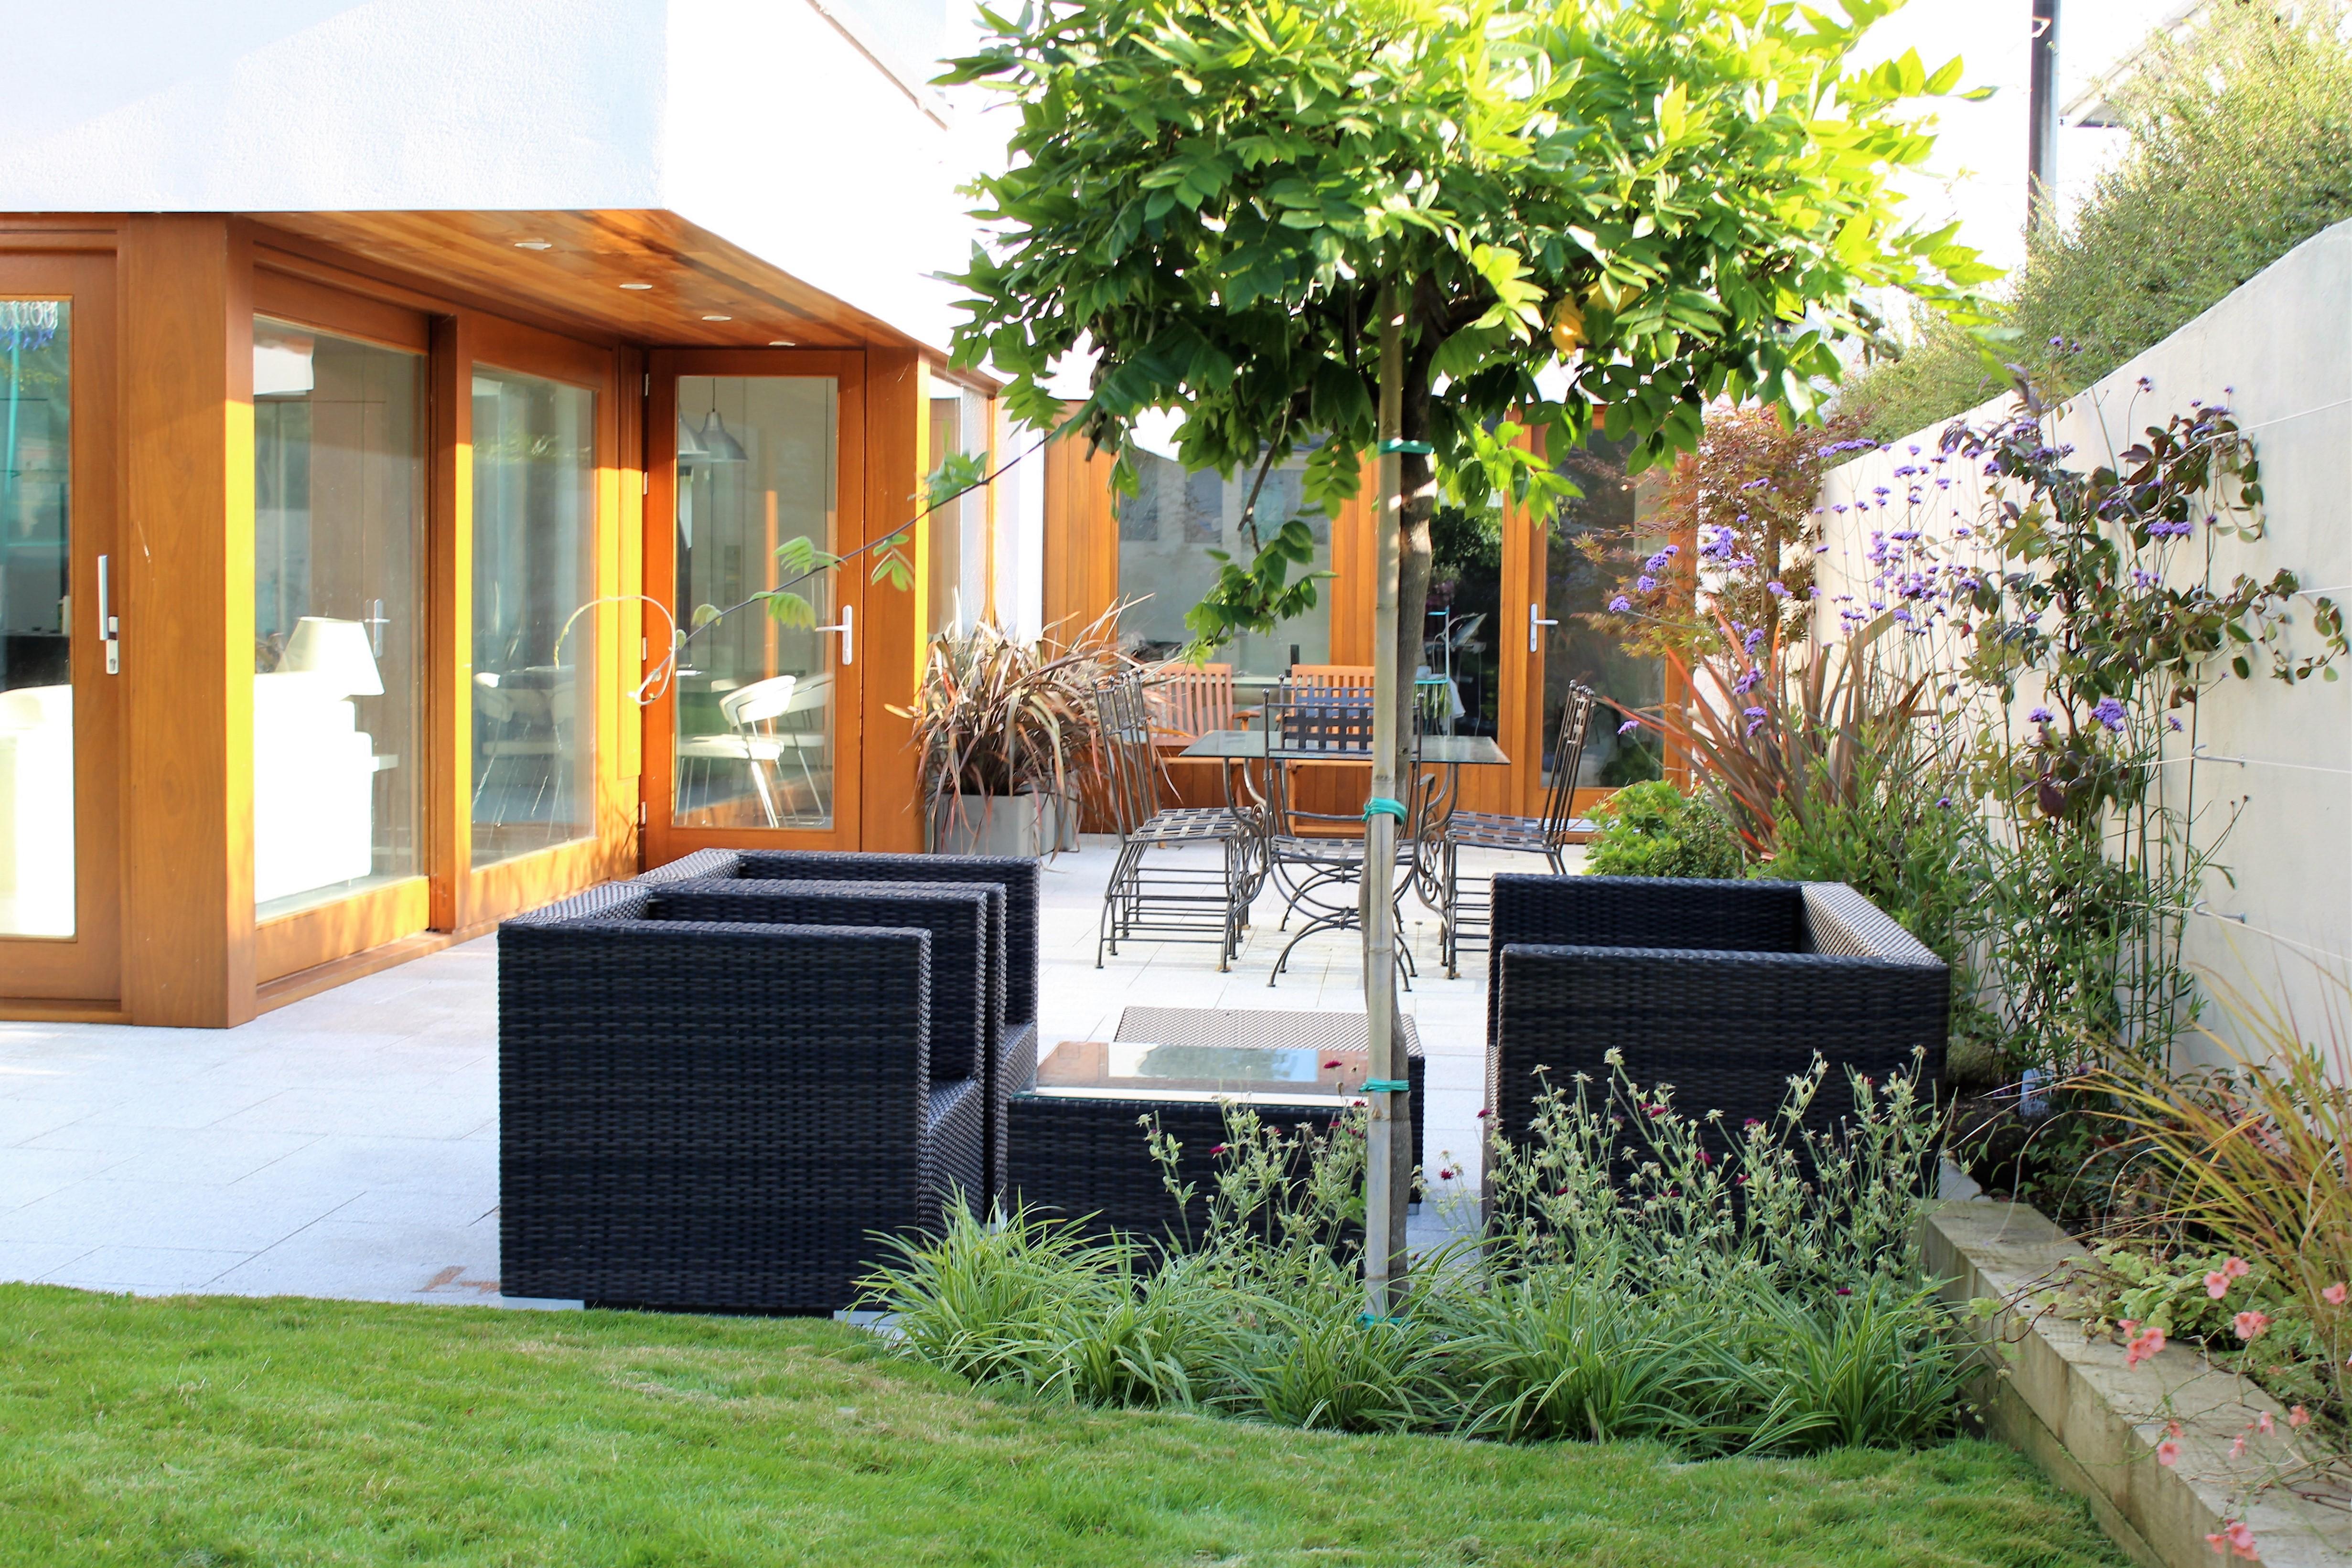 Contemporary patio garden